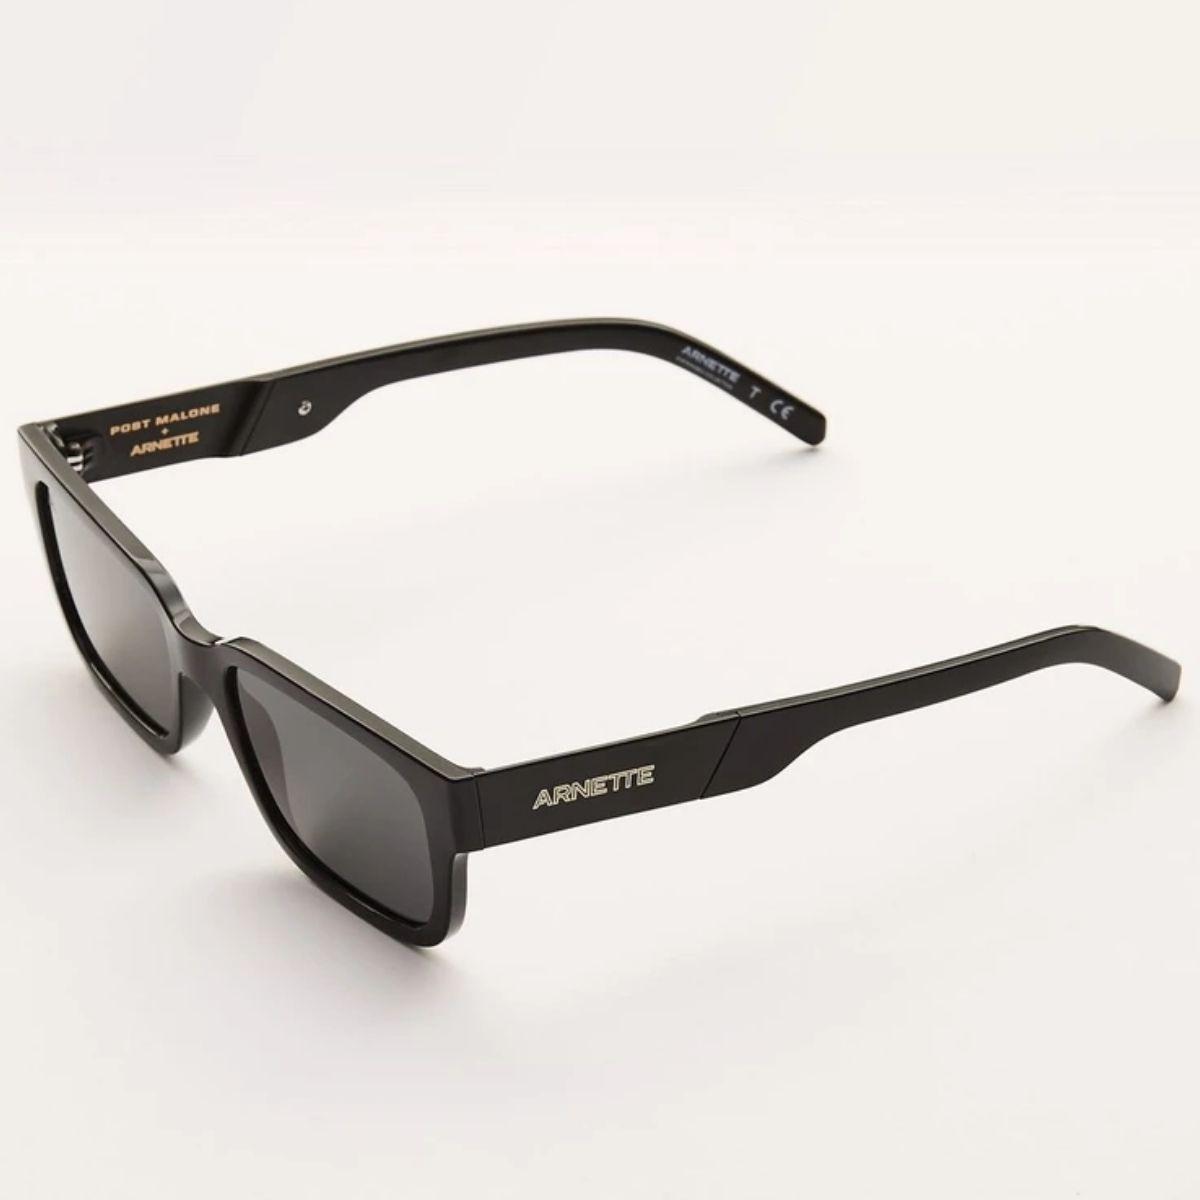 Óculos de Sol Masculino Arnette Post Malone Preto